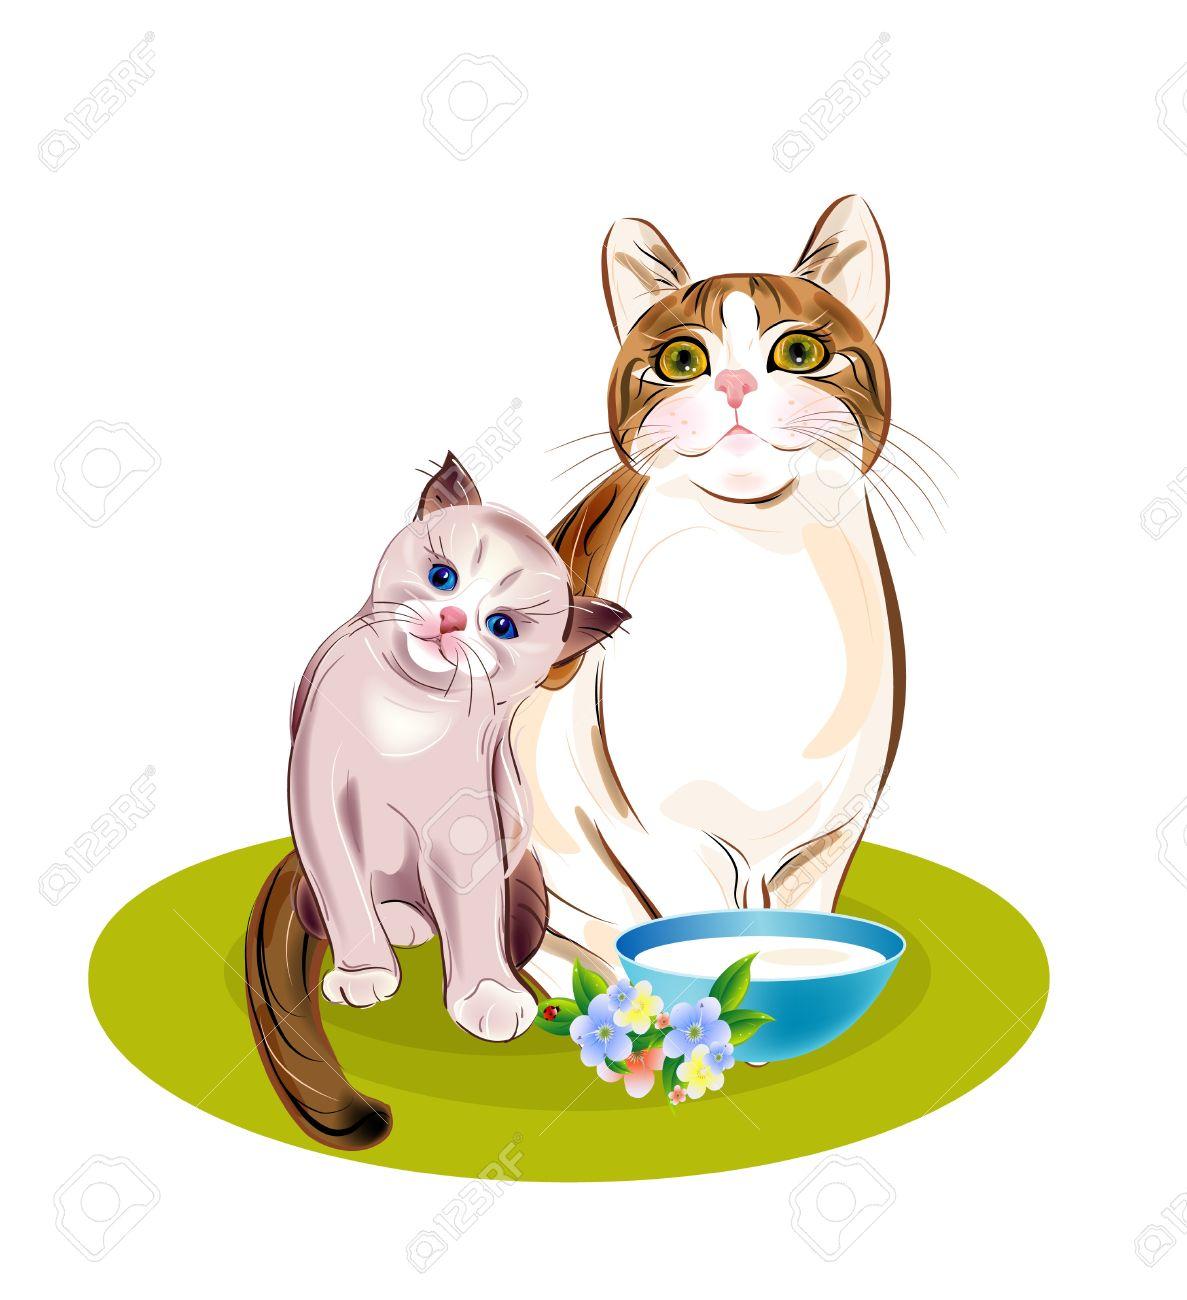 1187x1300 Kittens Clipart Small Cat